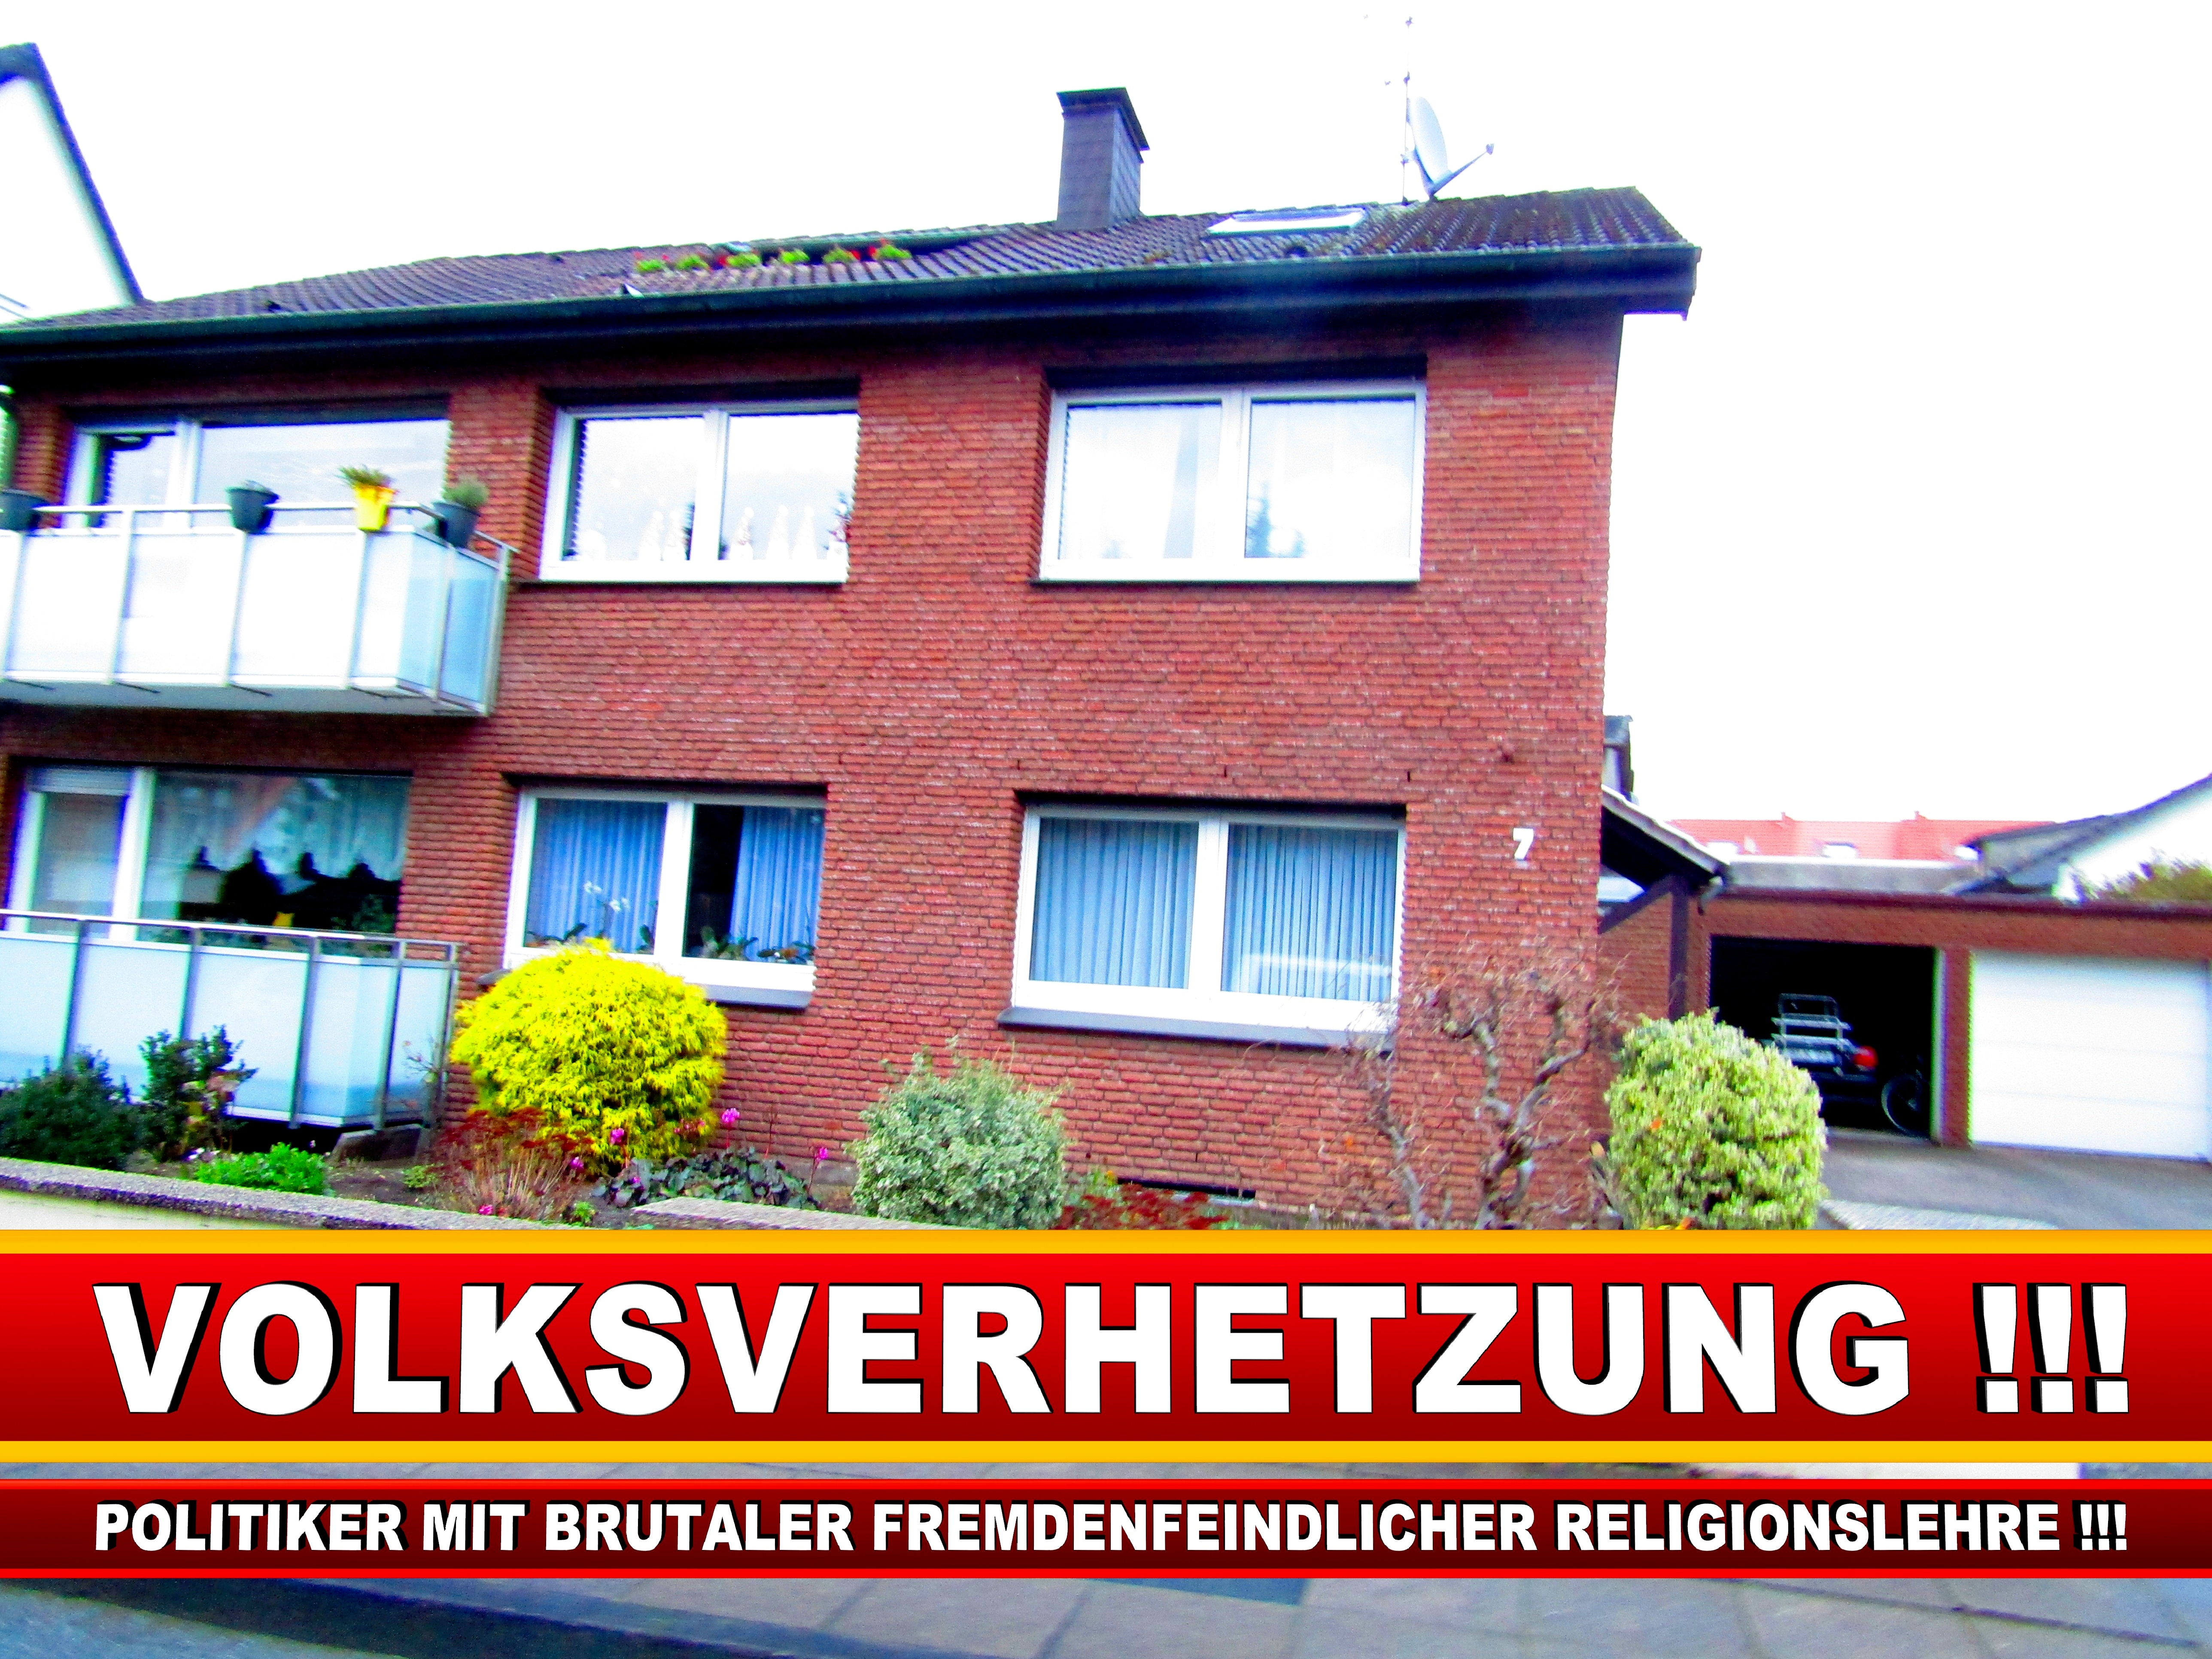 CARSTEN KRUMHöFNER CDU BIELEFELD CDU NRW JüRGEN KRUMHöFNER GBR VERLAG WERBEAGENTUR DORTMUNDER (4) 1